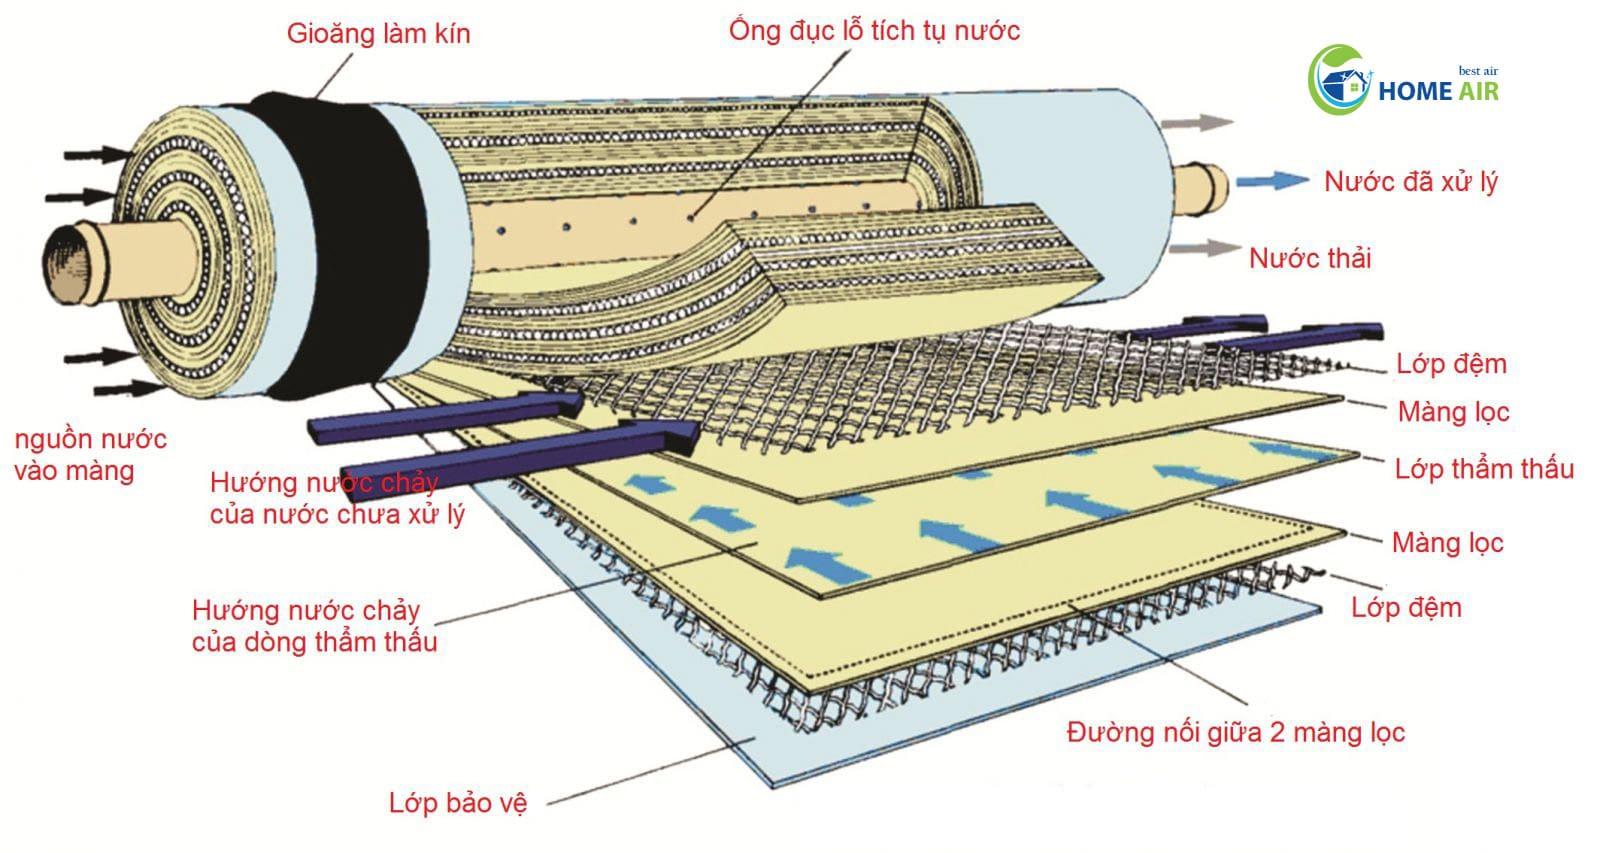 Công nghệ RO sử dụng trong máy lọc nước